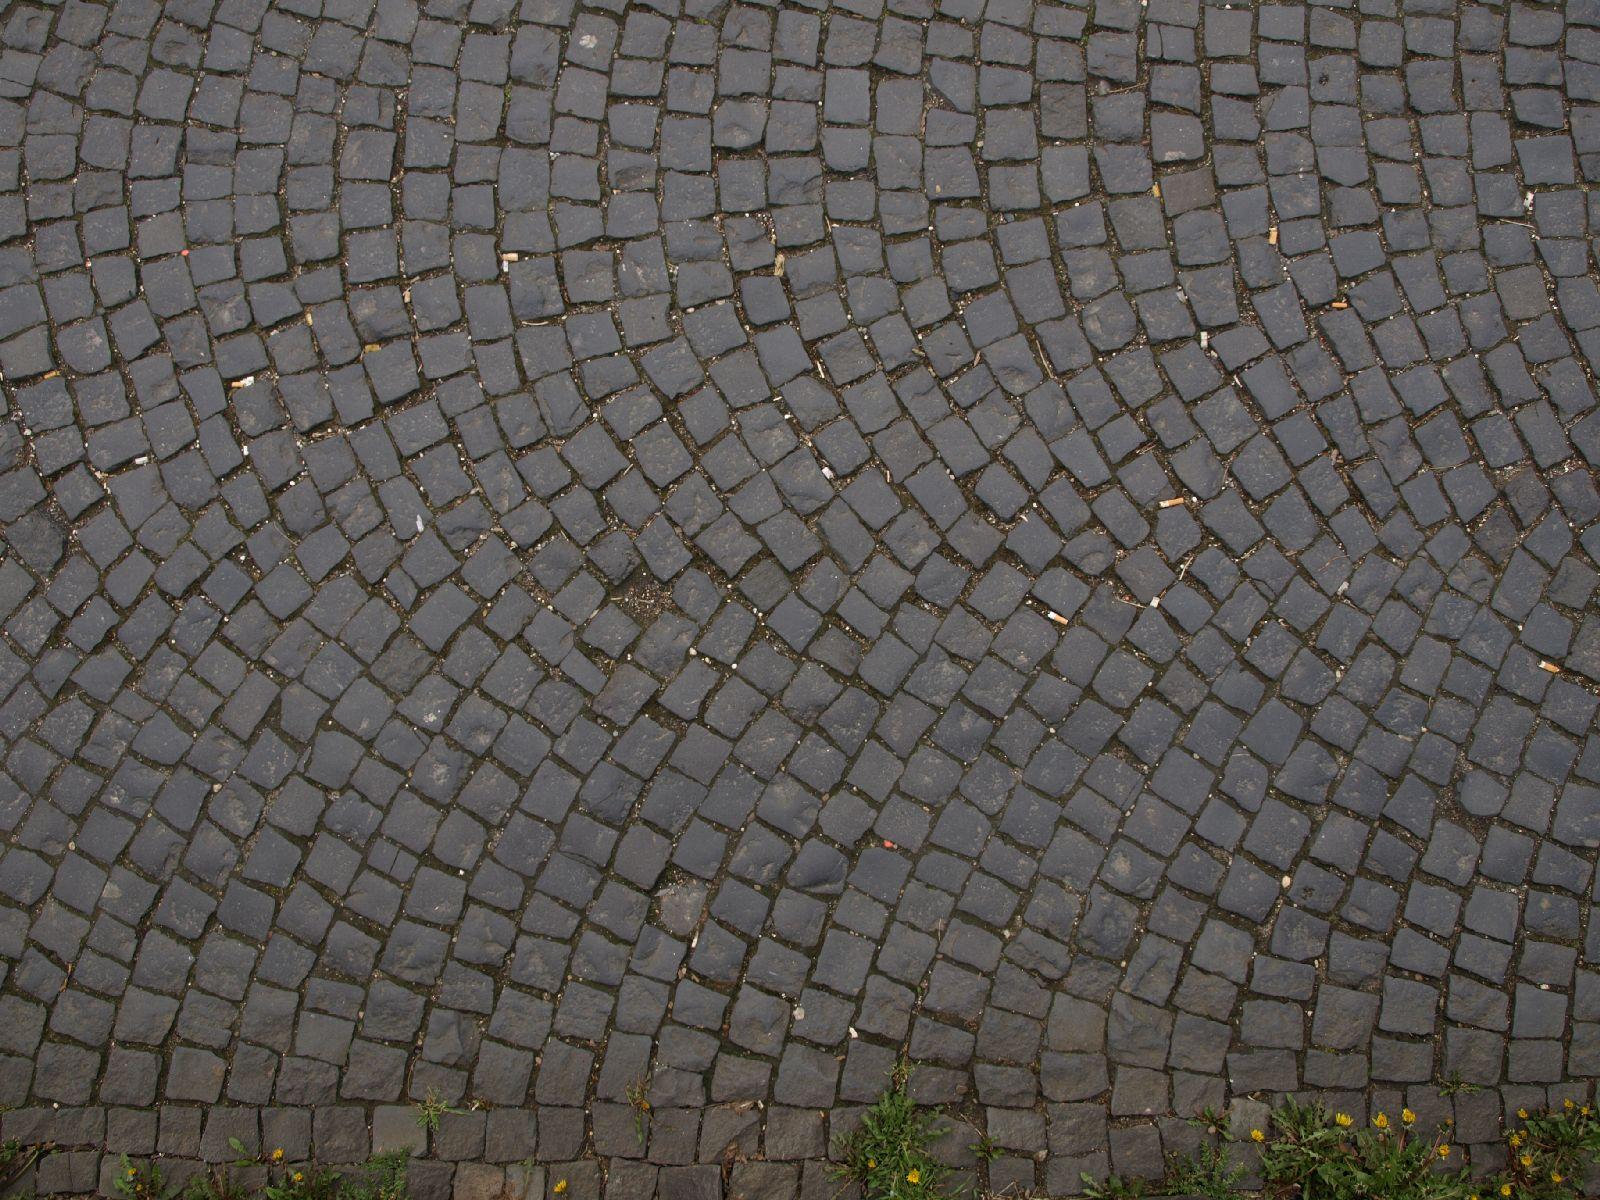 Boden-Gehweg-Strasse-Buergersteig-Textur_A_P4131098